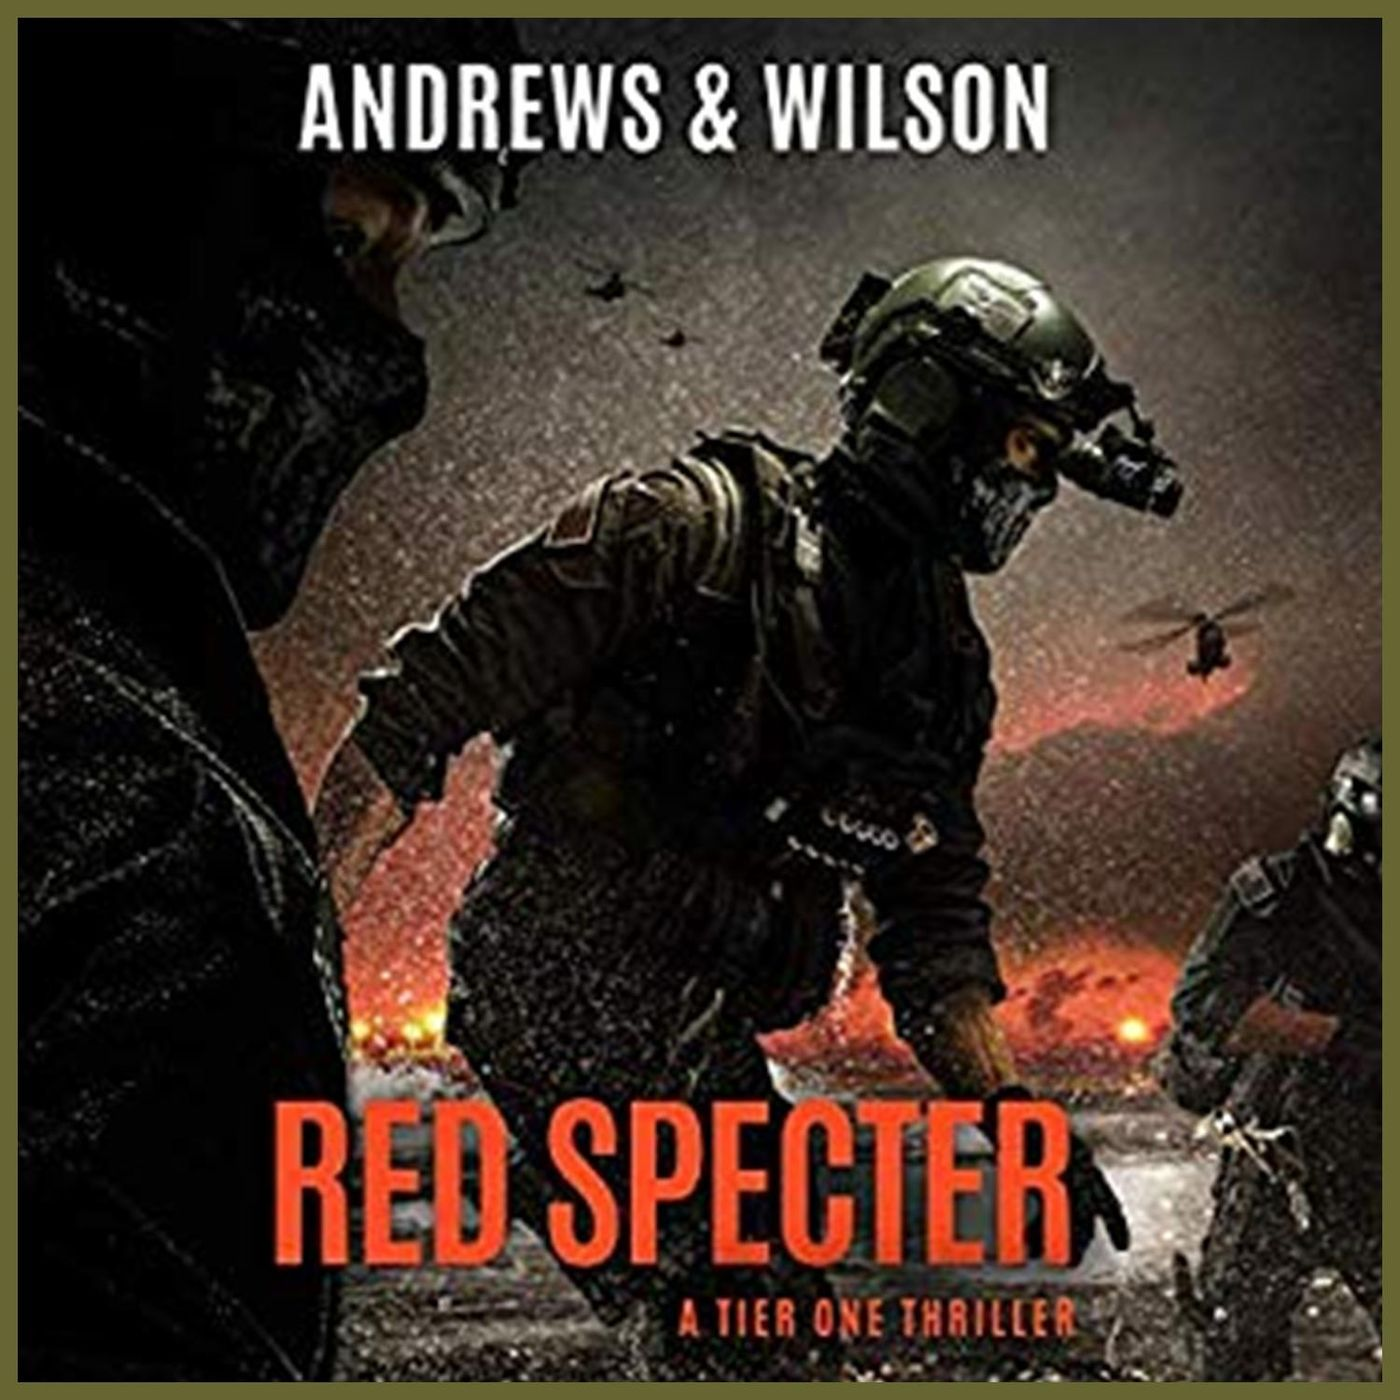 ANDREWS & WILSON - Red Specter